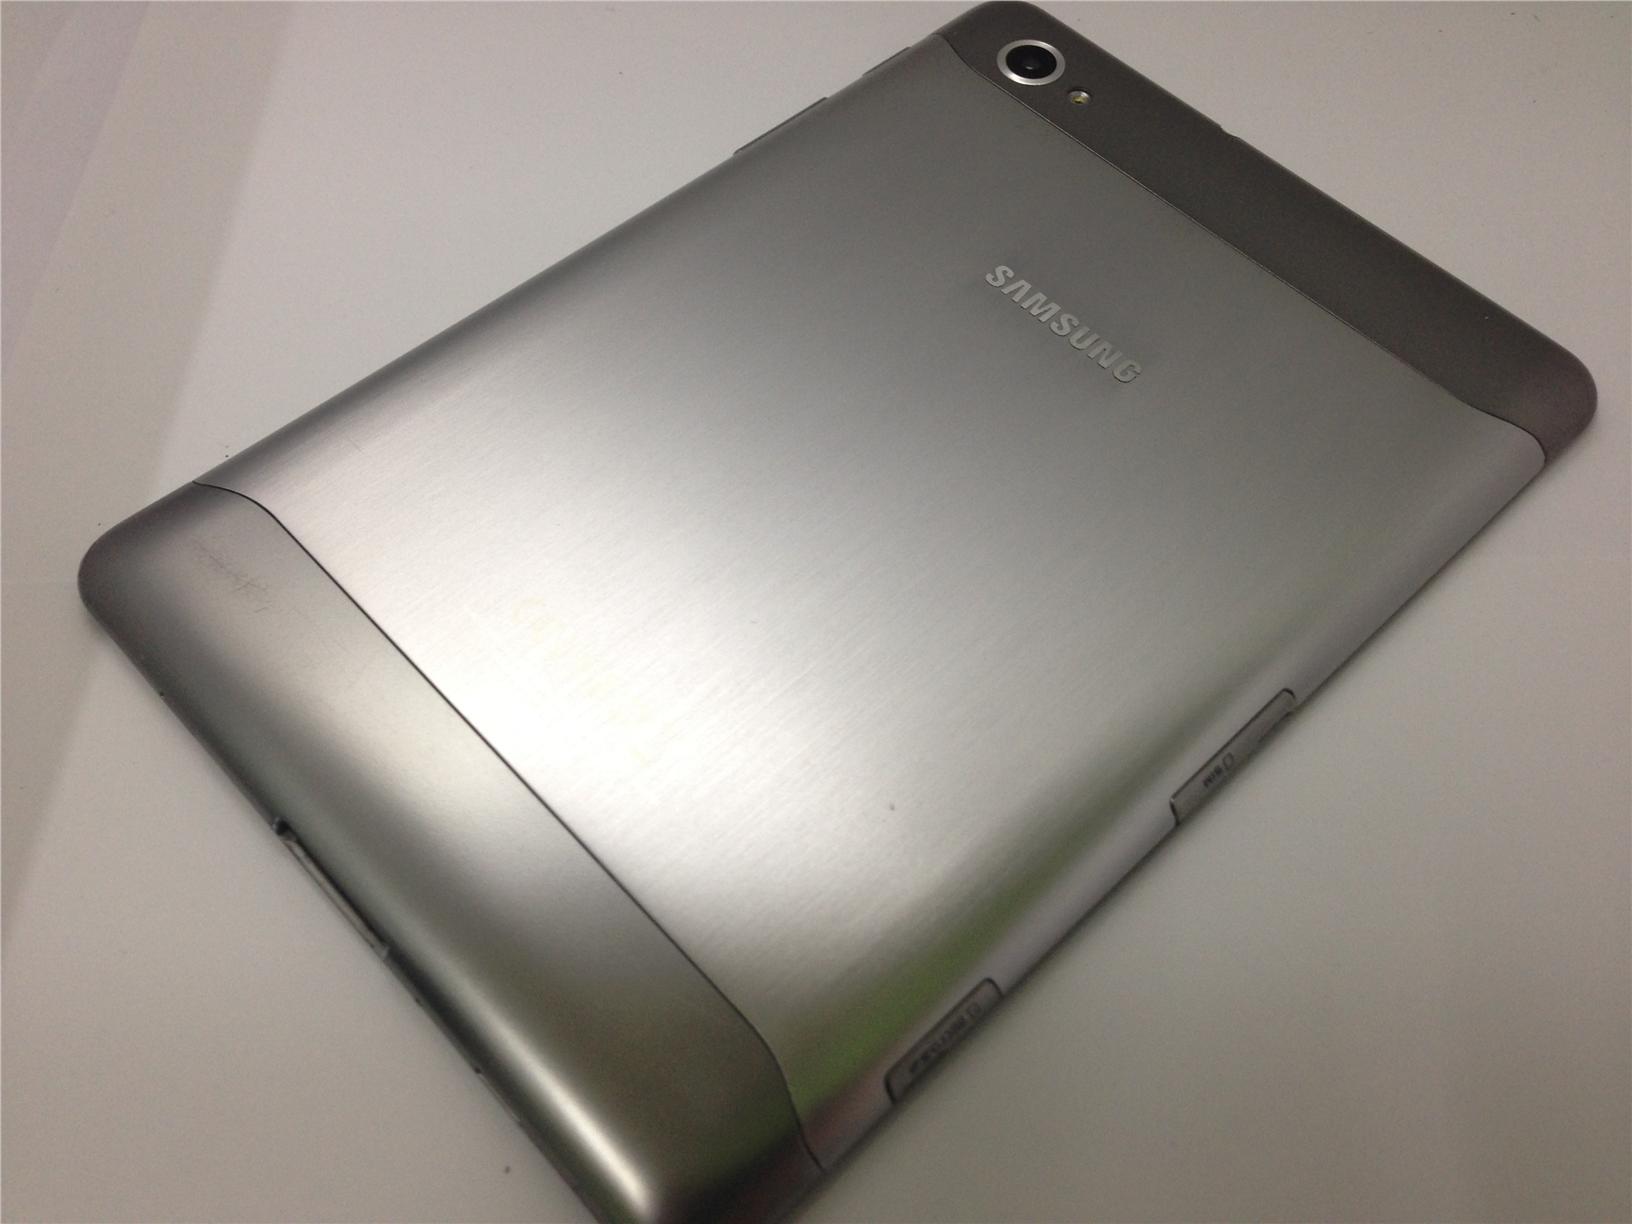 Samsung Galaxy Tab 7.7 GT-P6800 GSM+Wifi+16Gb Storage FREE SHIPPING